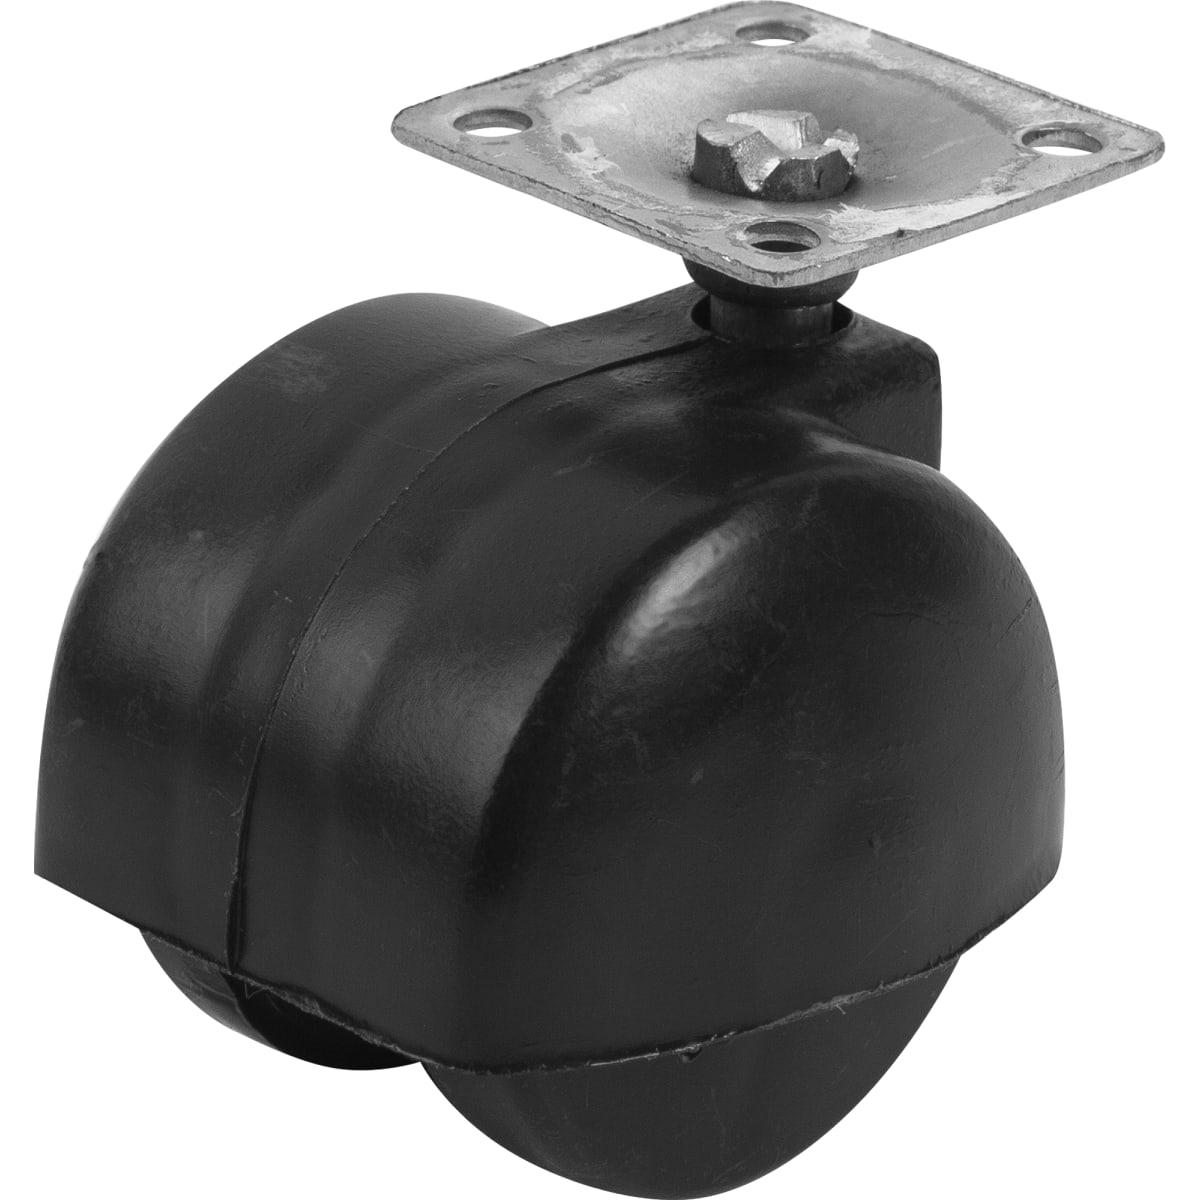 Колесо для мебели поворотное, без тормоза 50 мм, до 70 кг